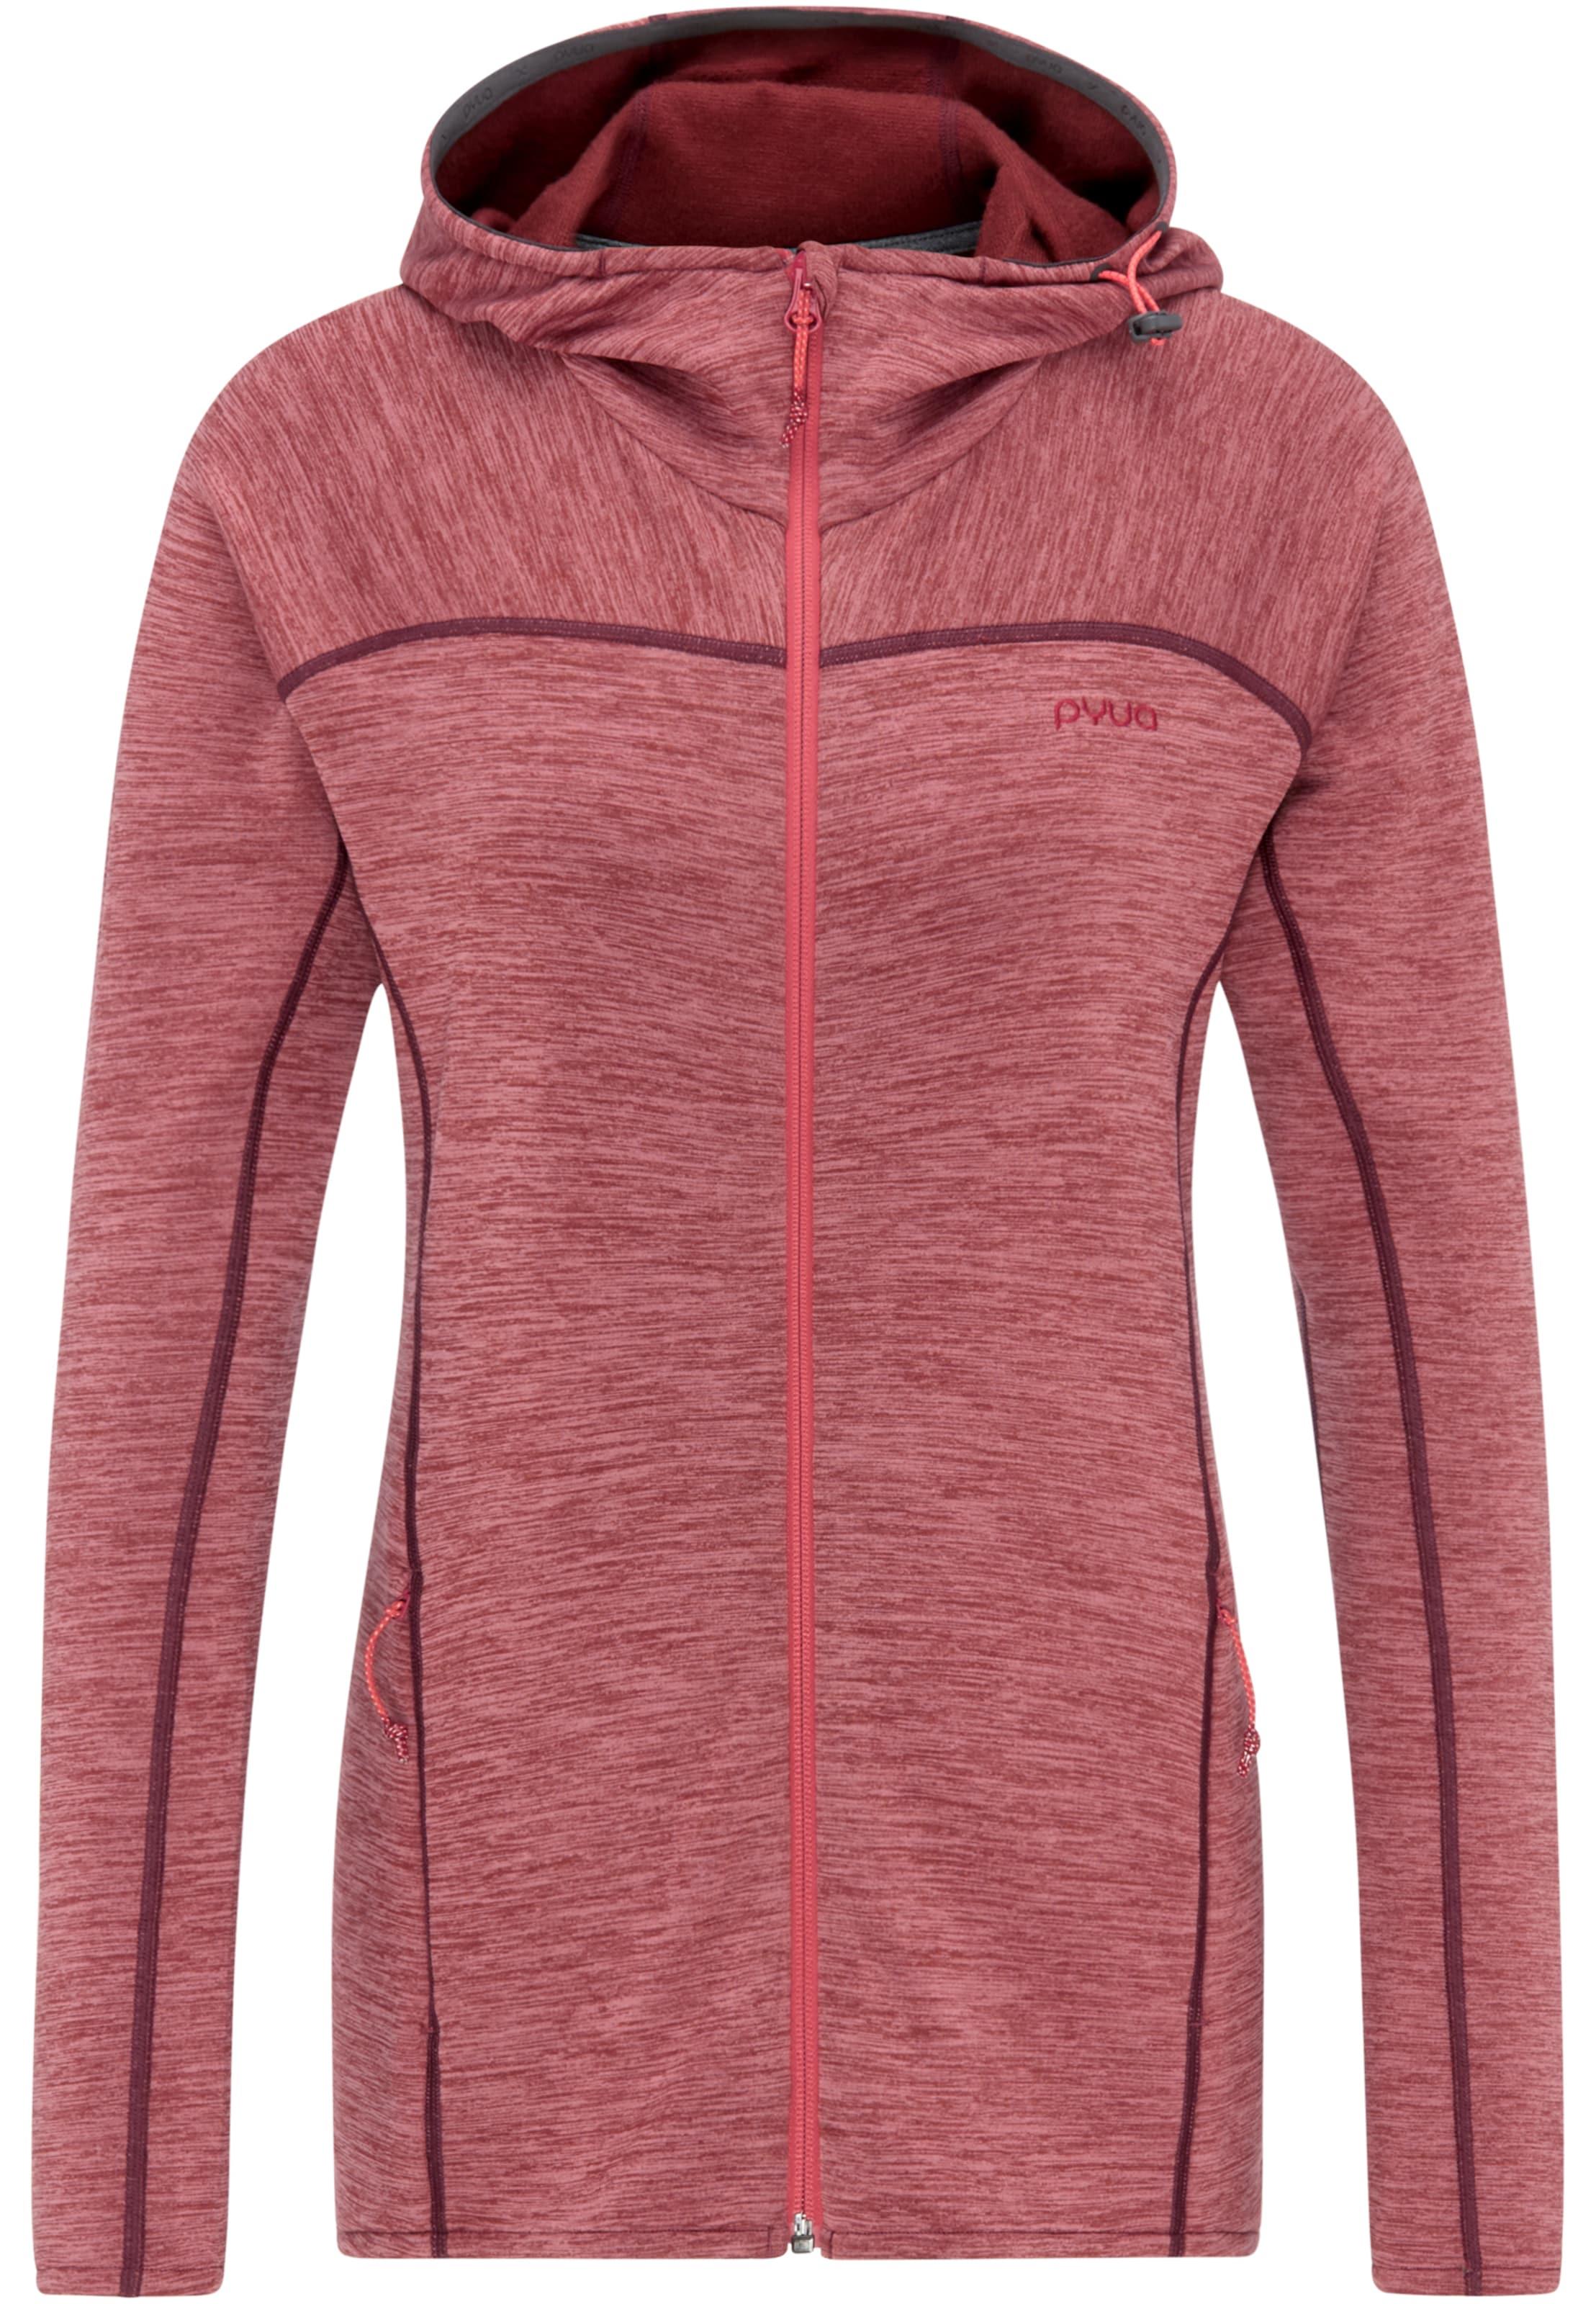 Damen PYUA Jacke 'Foxy' blau, bunt,  mehrfarbig, grau, rot | 04250804779466